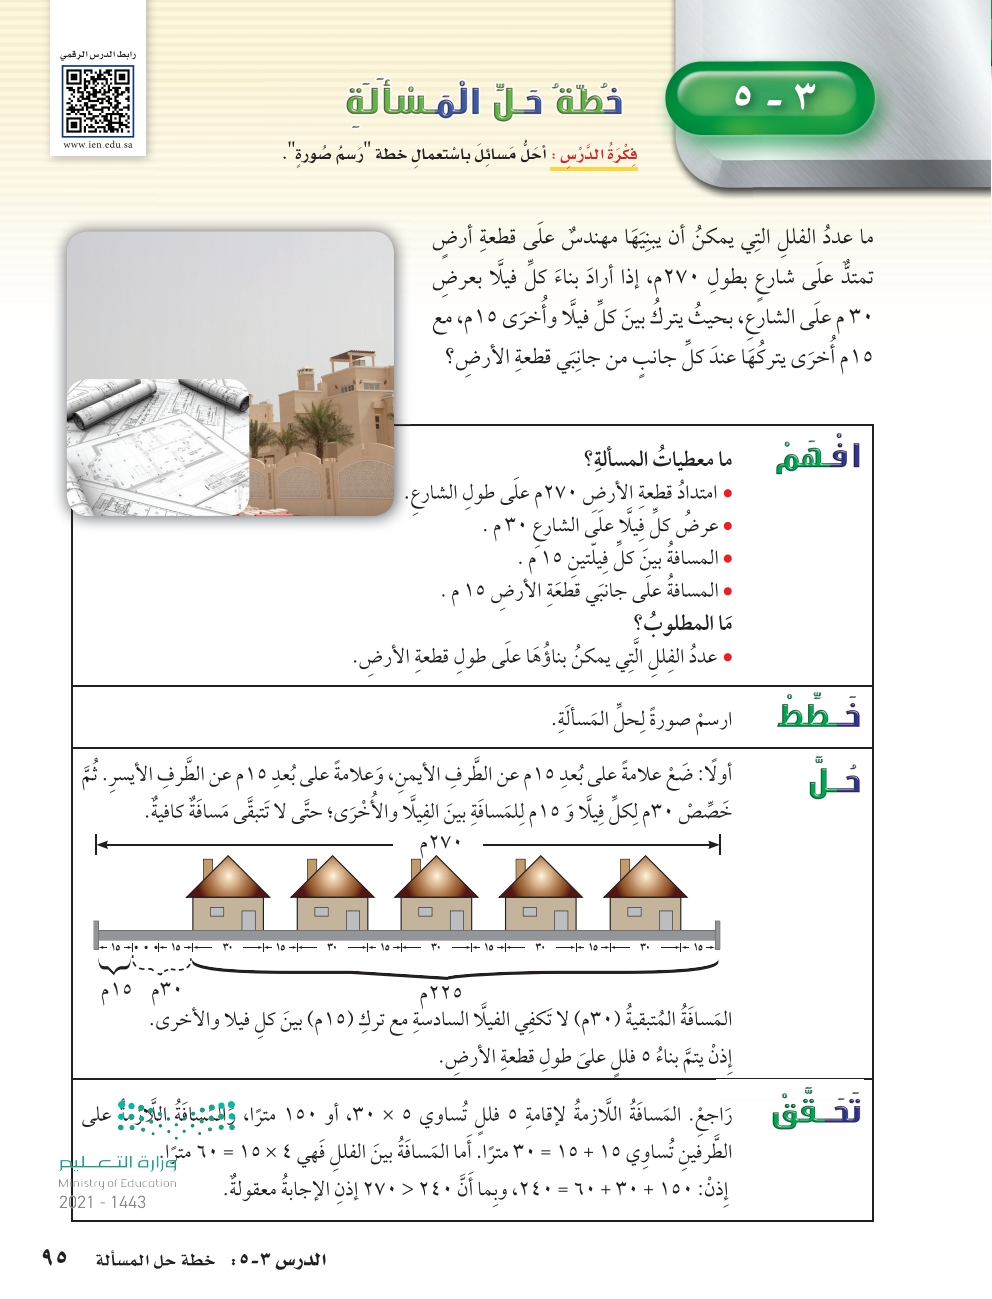 3-5 خطة حل المسألة